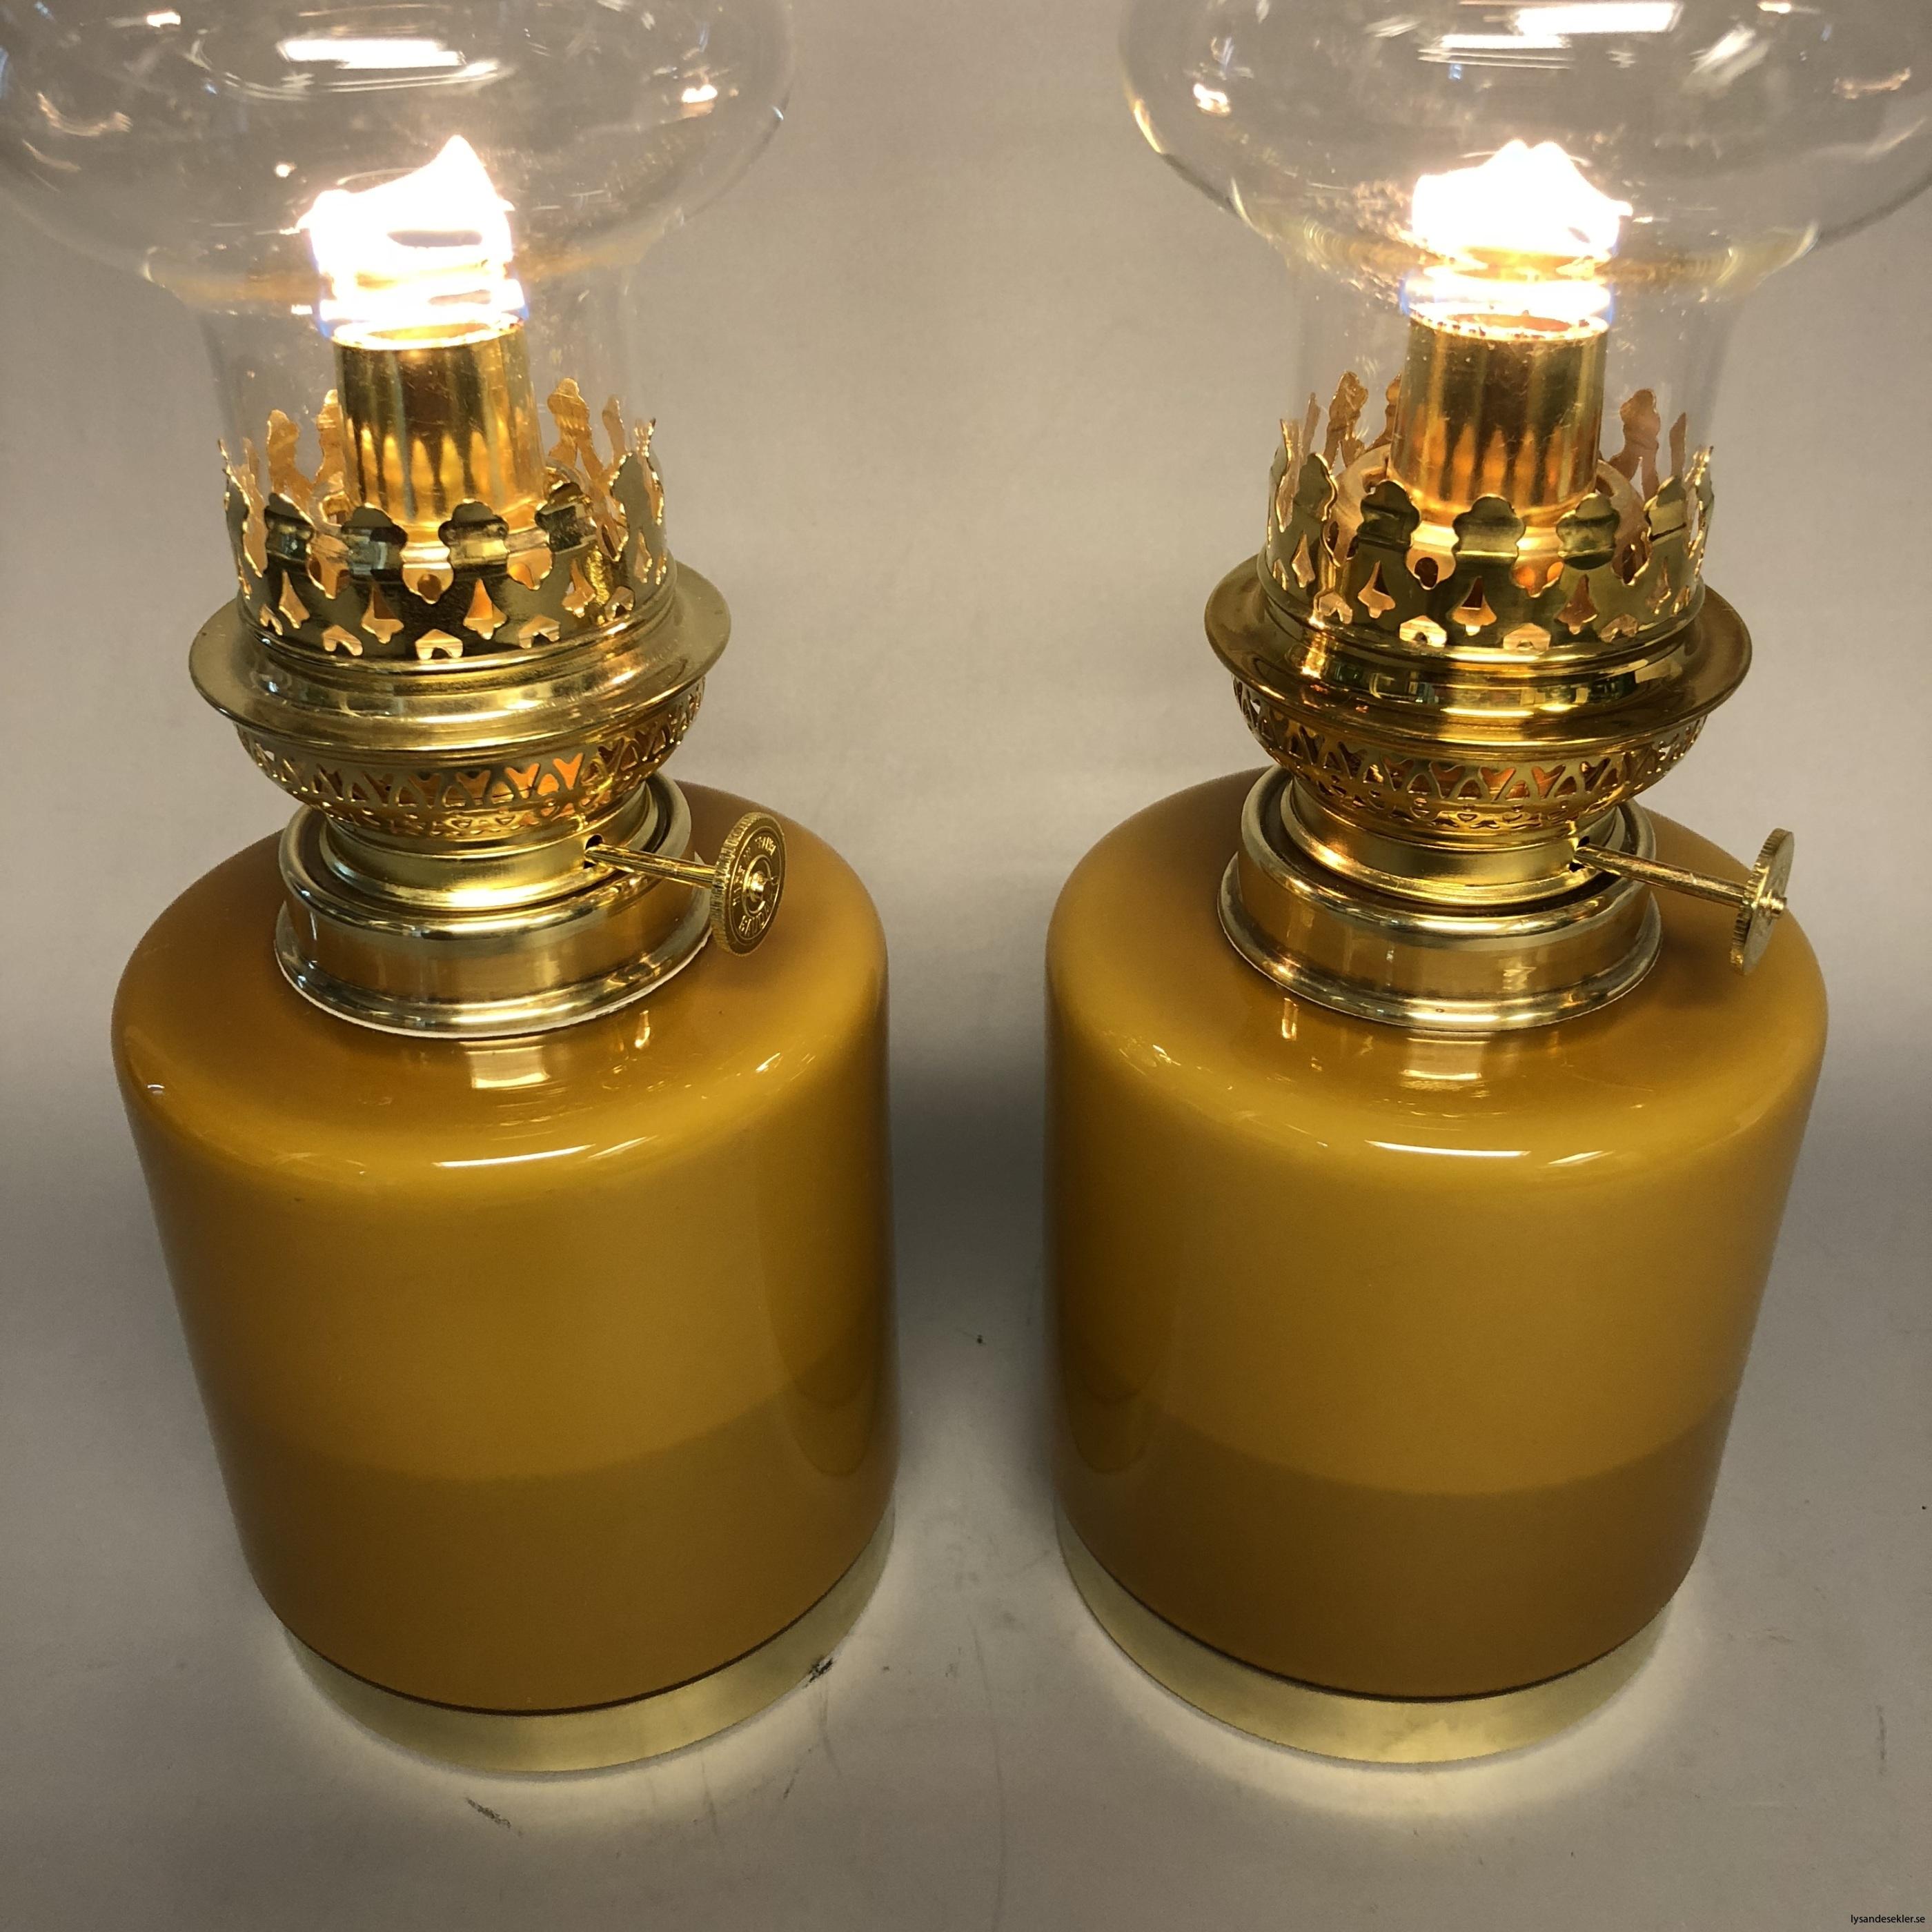 fotogenlampa fotogenlampor oljelampa oljelampor renoverad antik antikvitet16